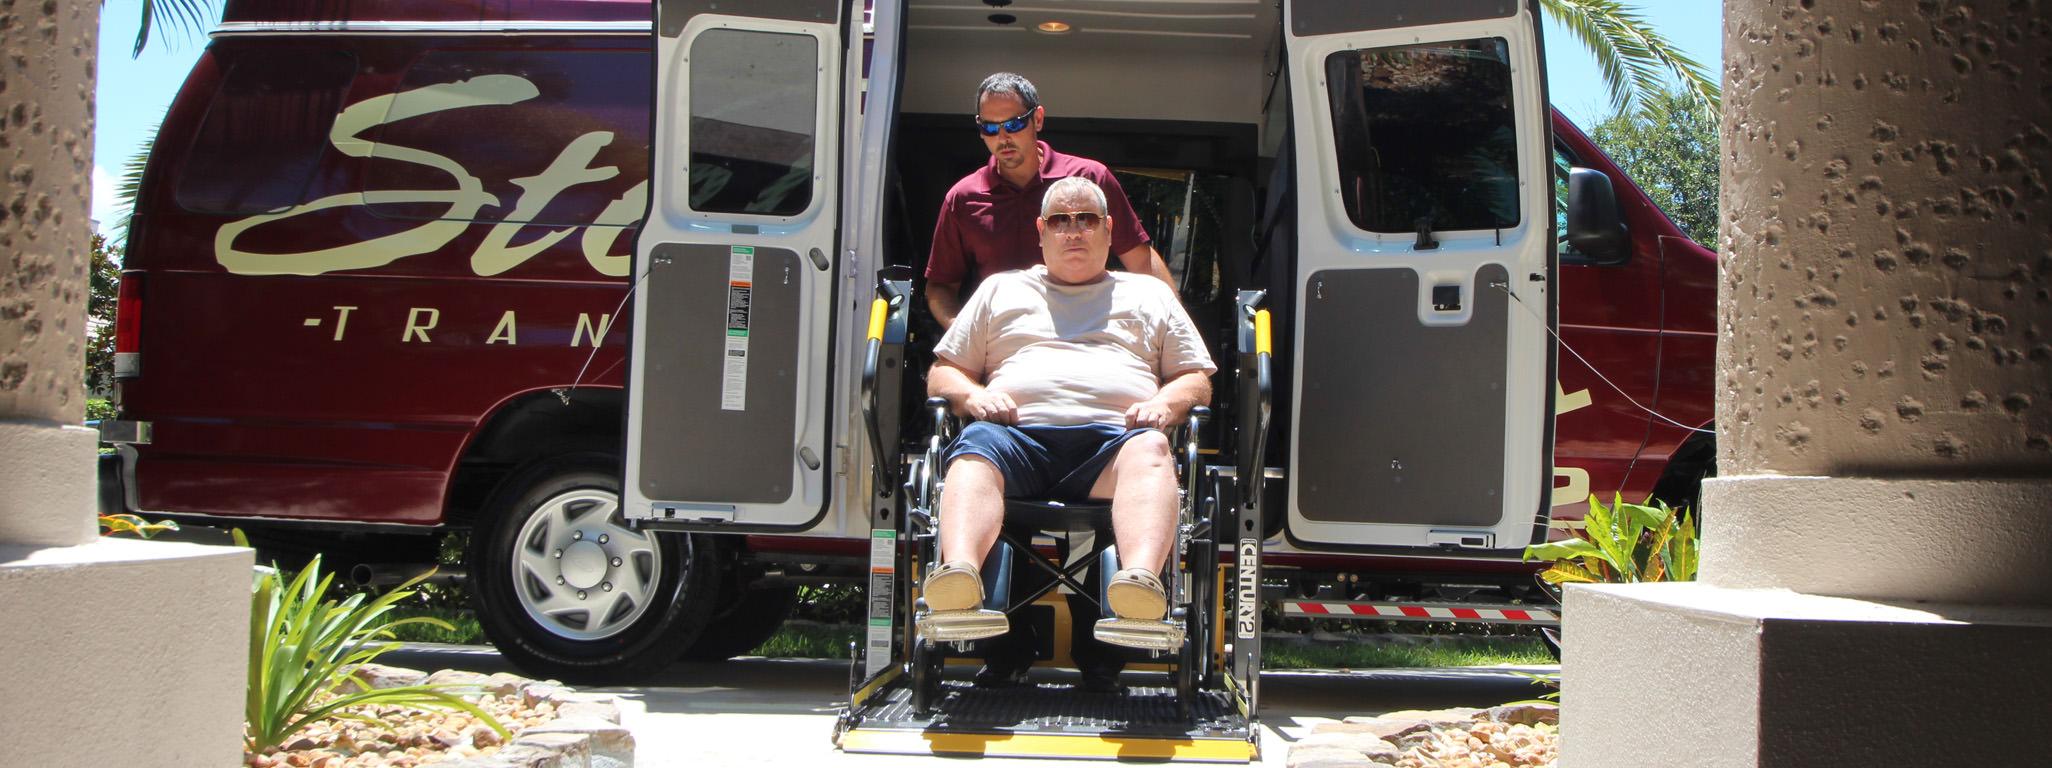 Handicap Transportation